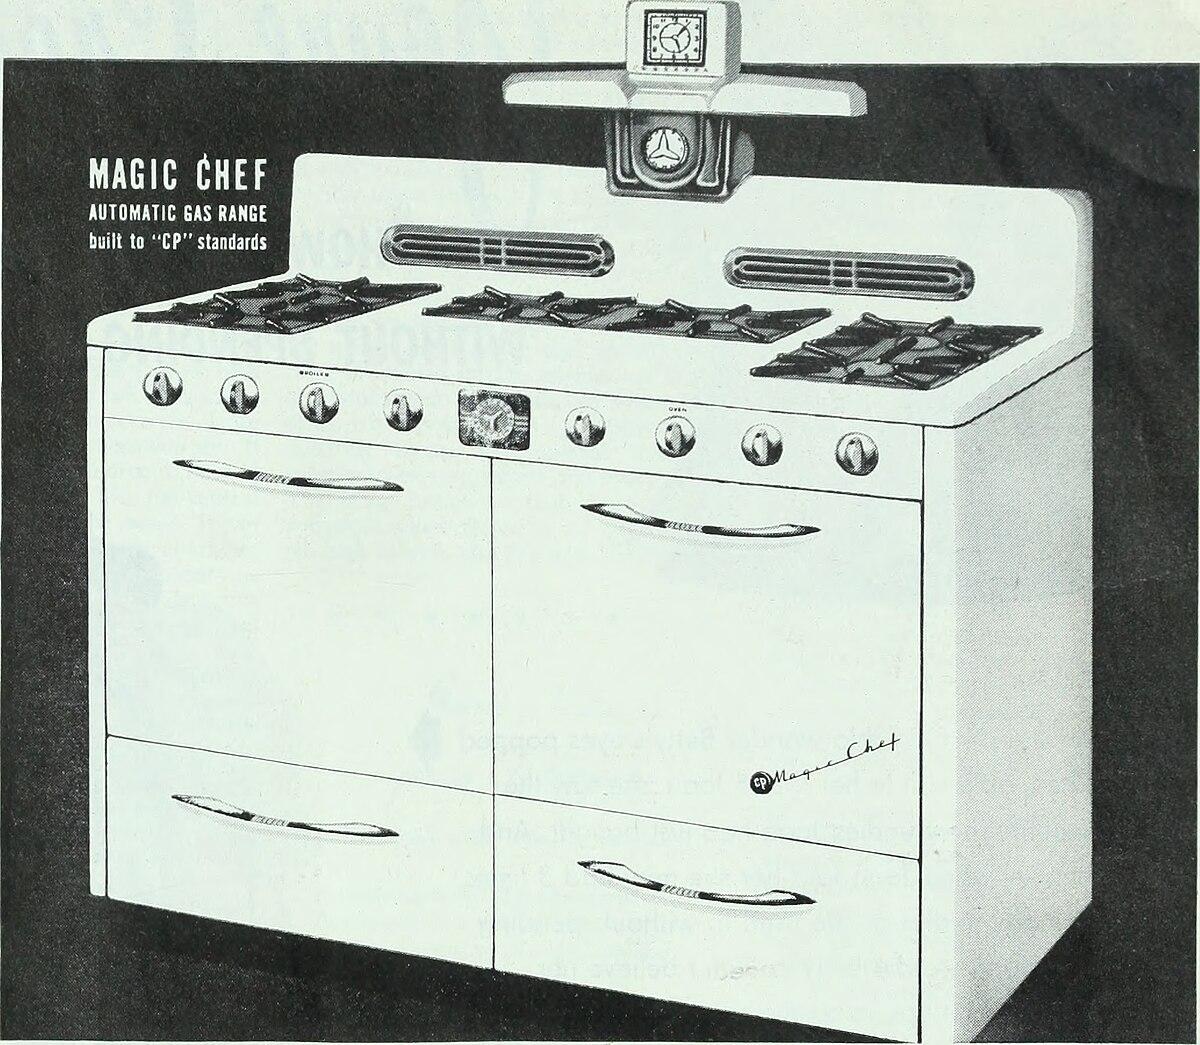 Chef Kitchen Appliances: Magic Chef